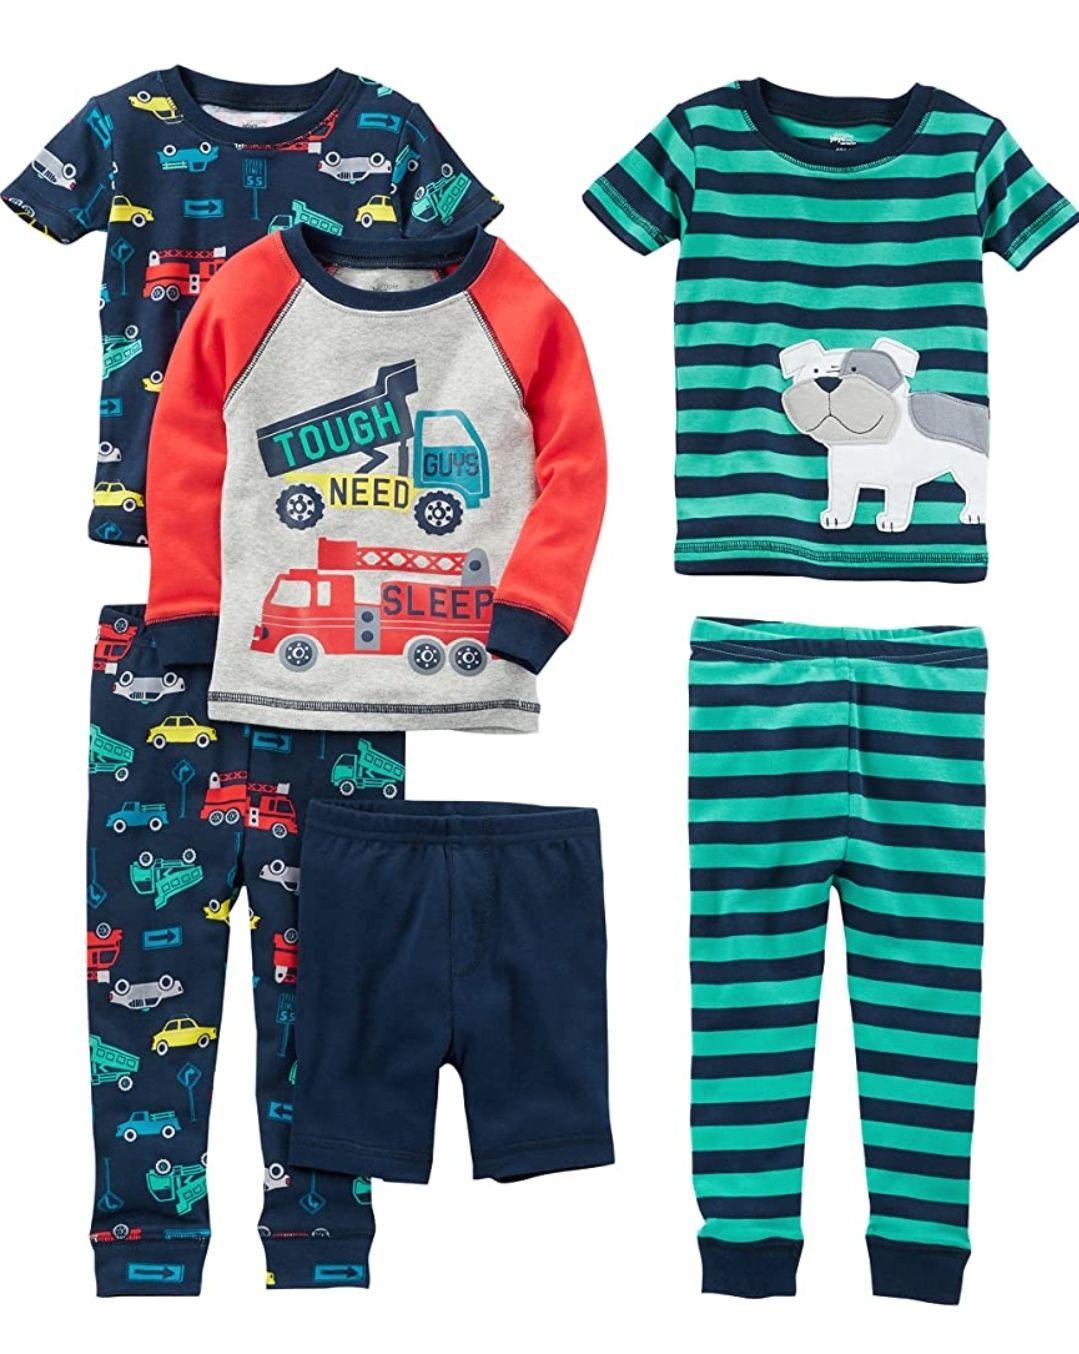 Boys 6 piece pyjama set age 6-9 months now £12.19 (+£4.49 Non-Prime) at Amazon